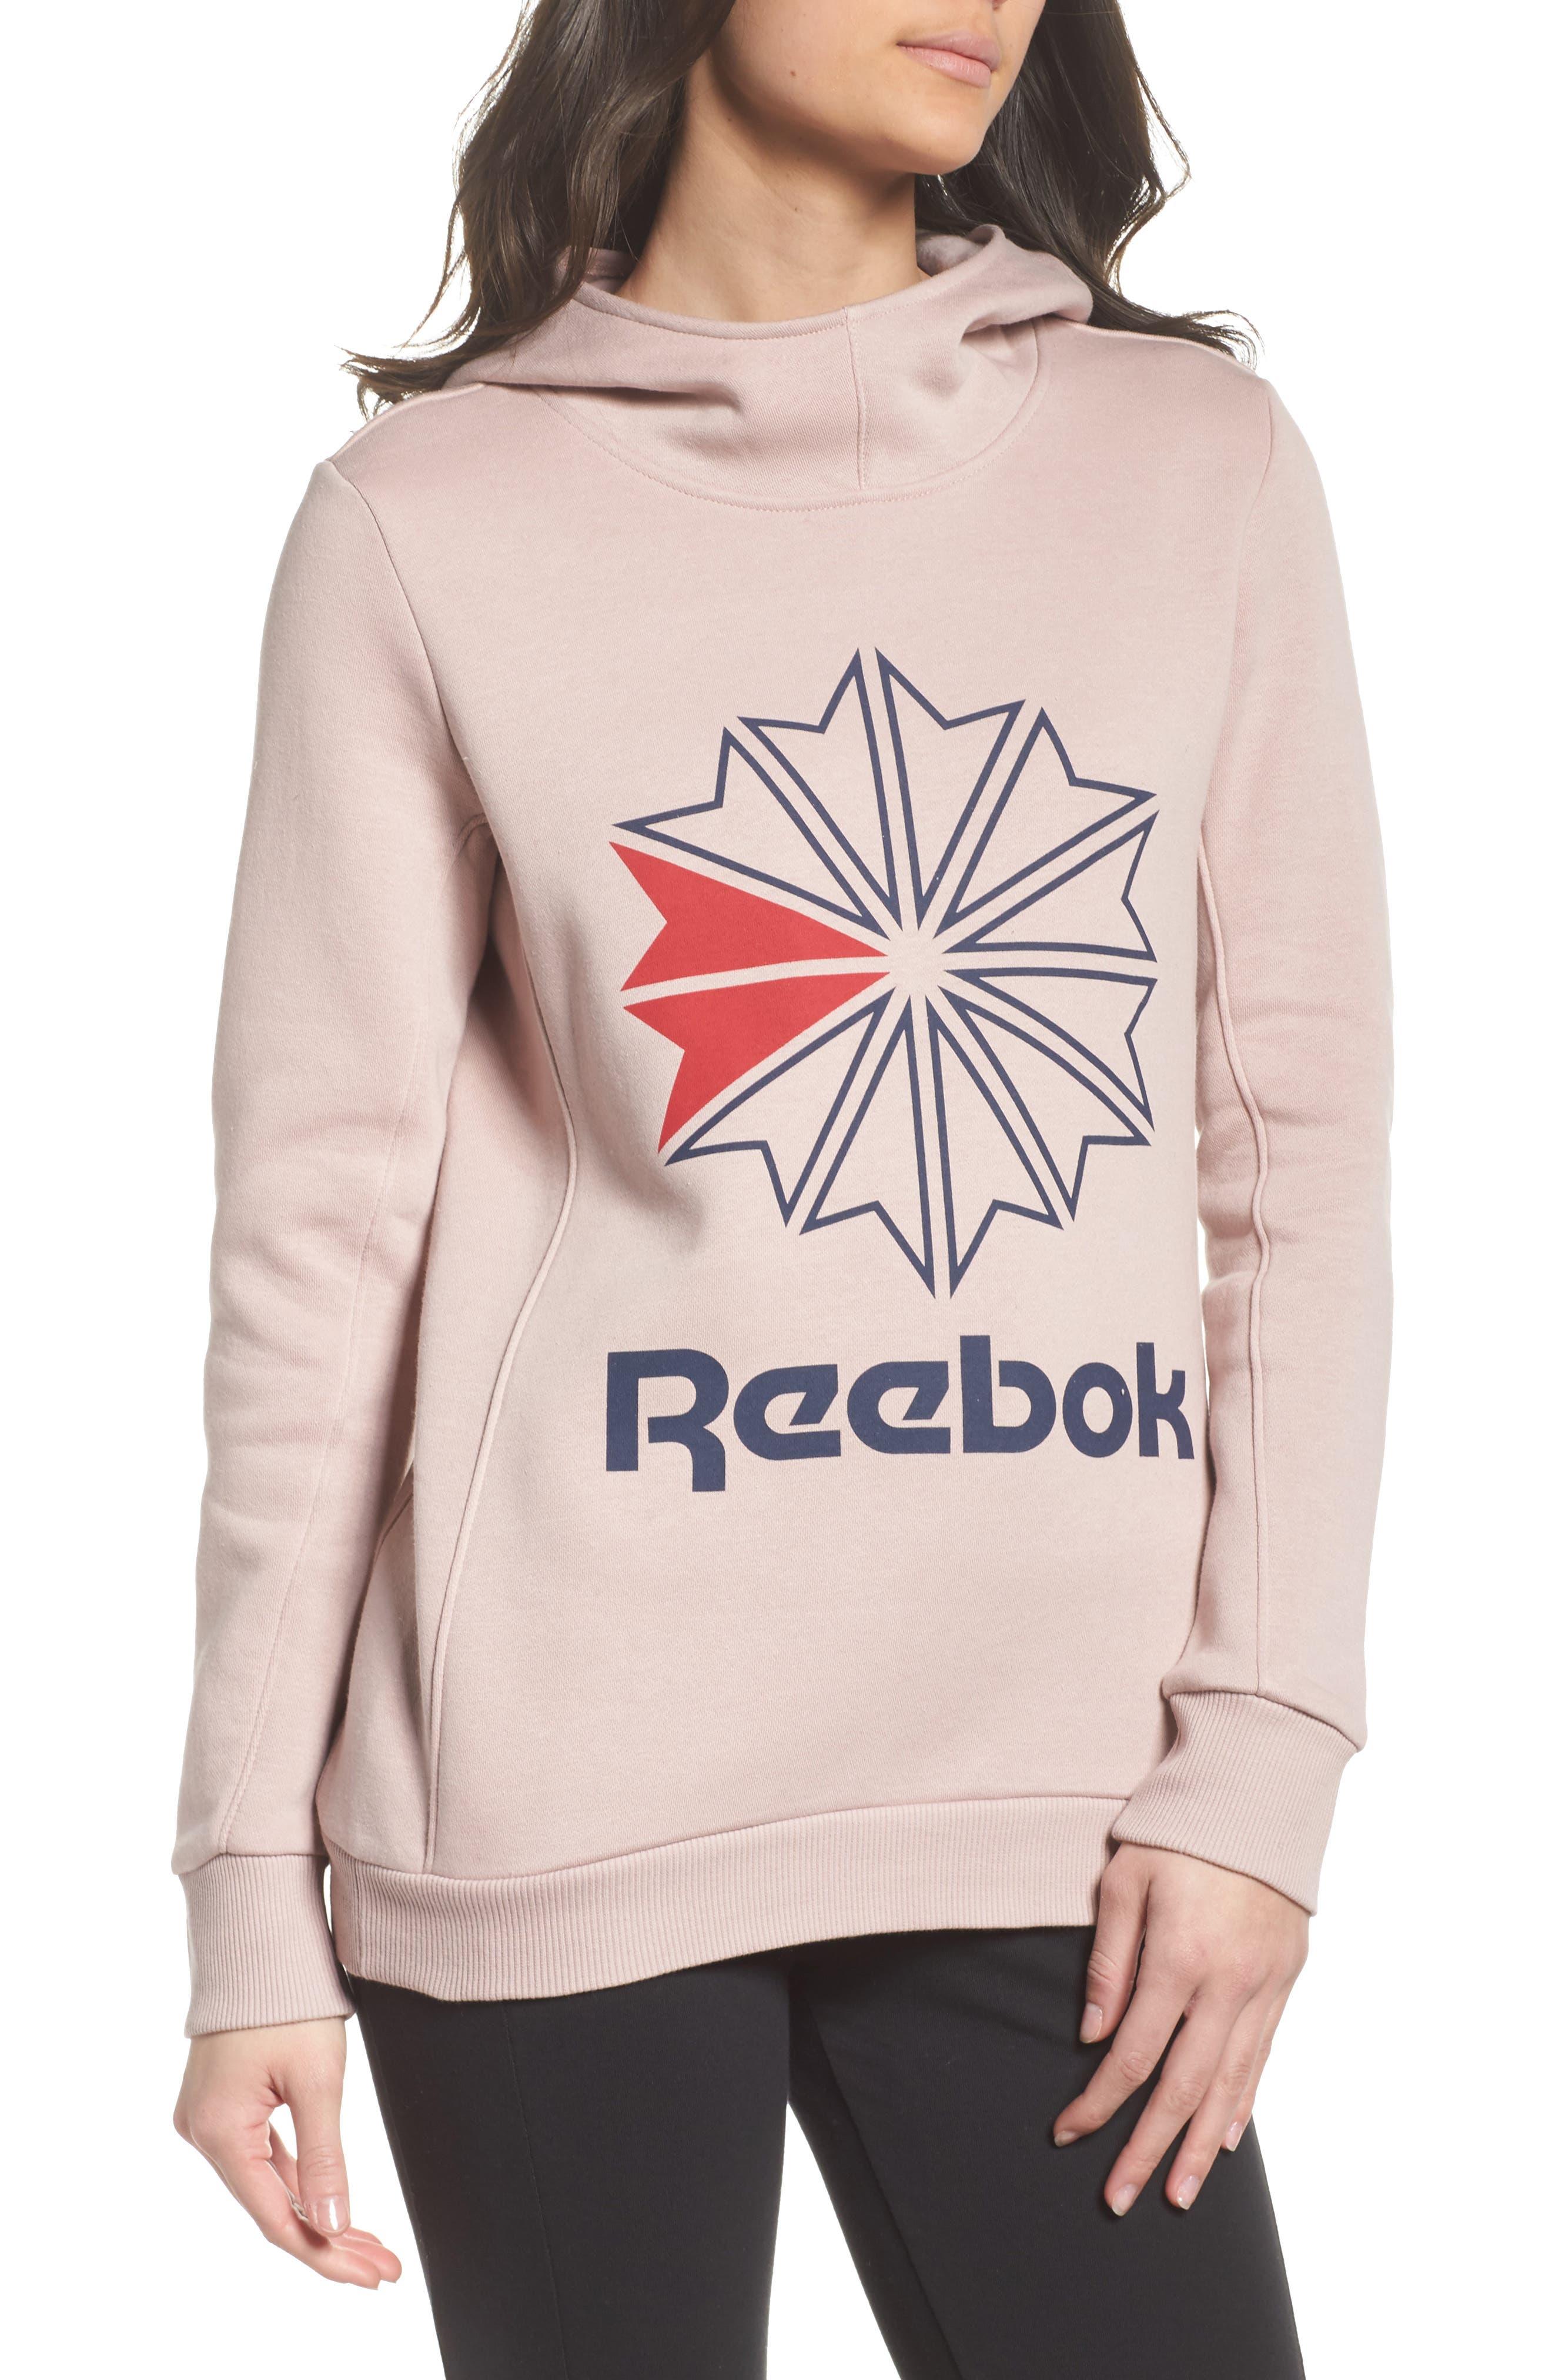 Reebok Starcrest Fleece Hoodie